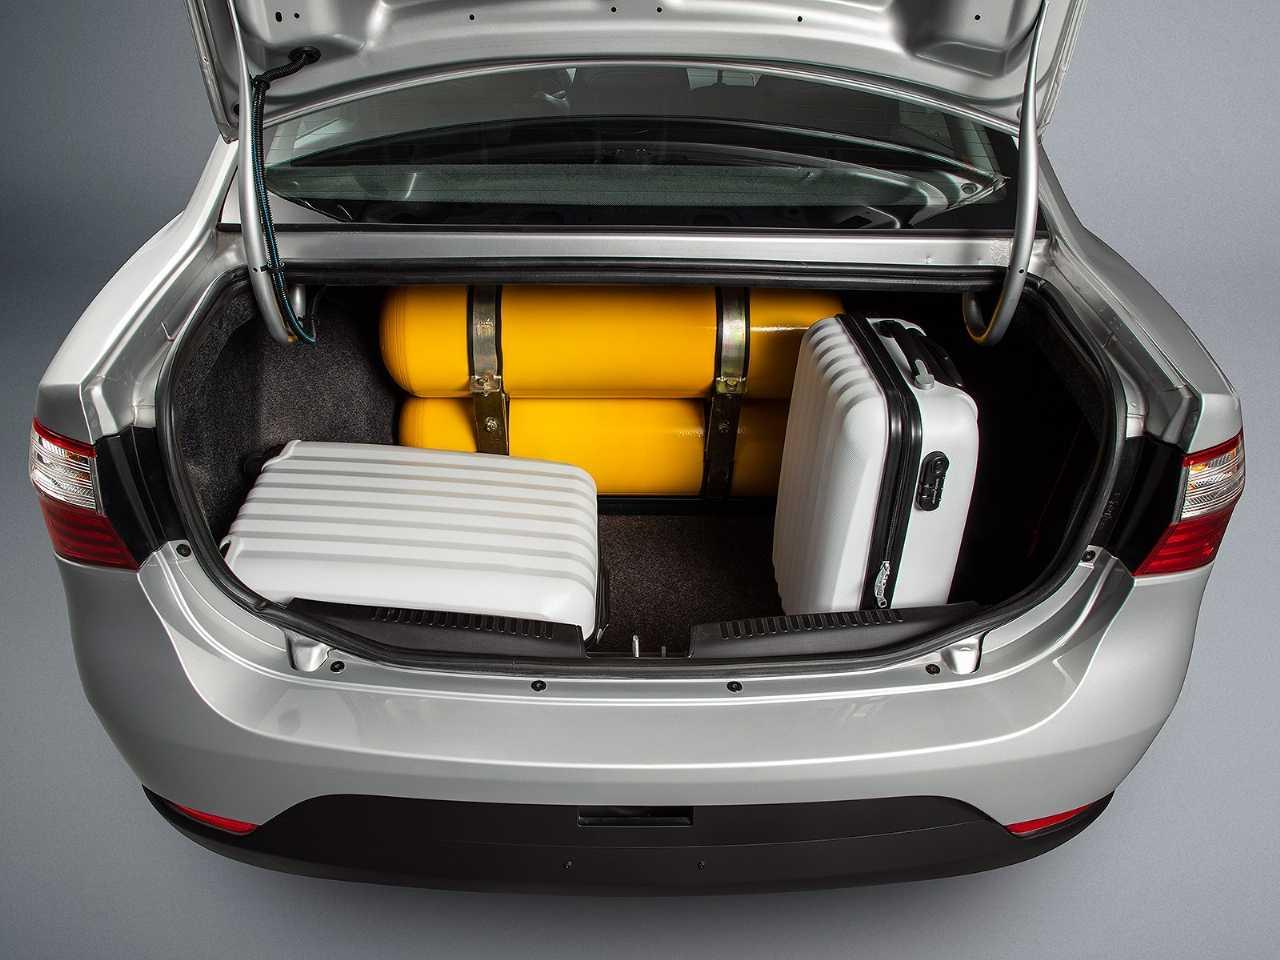 FiatGrand Siena 2019 - porta-malas